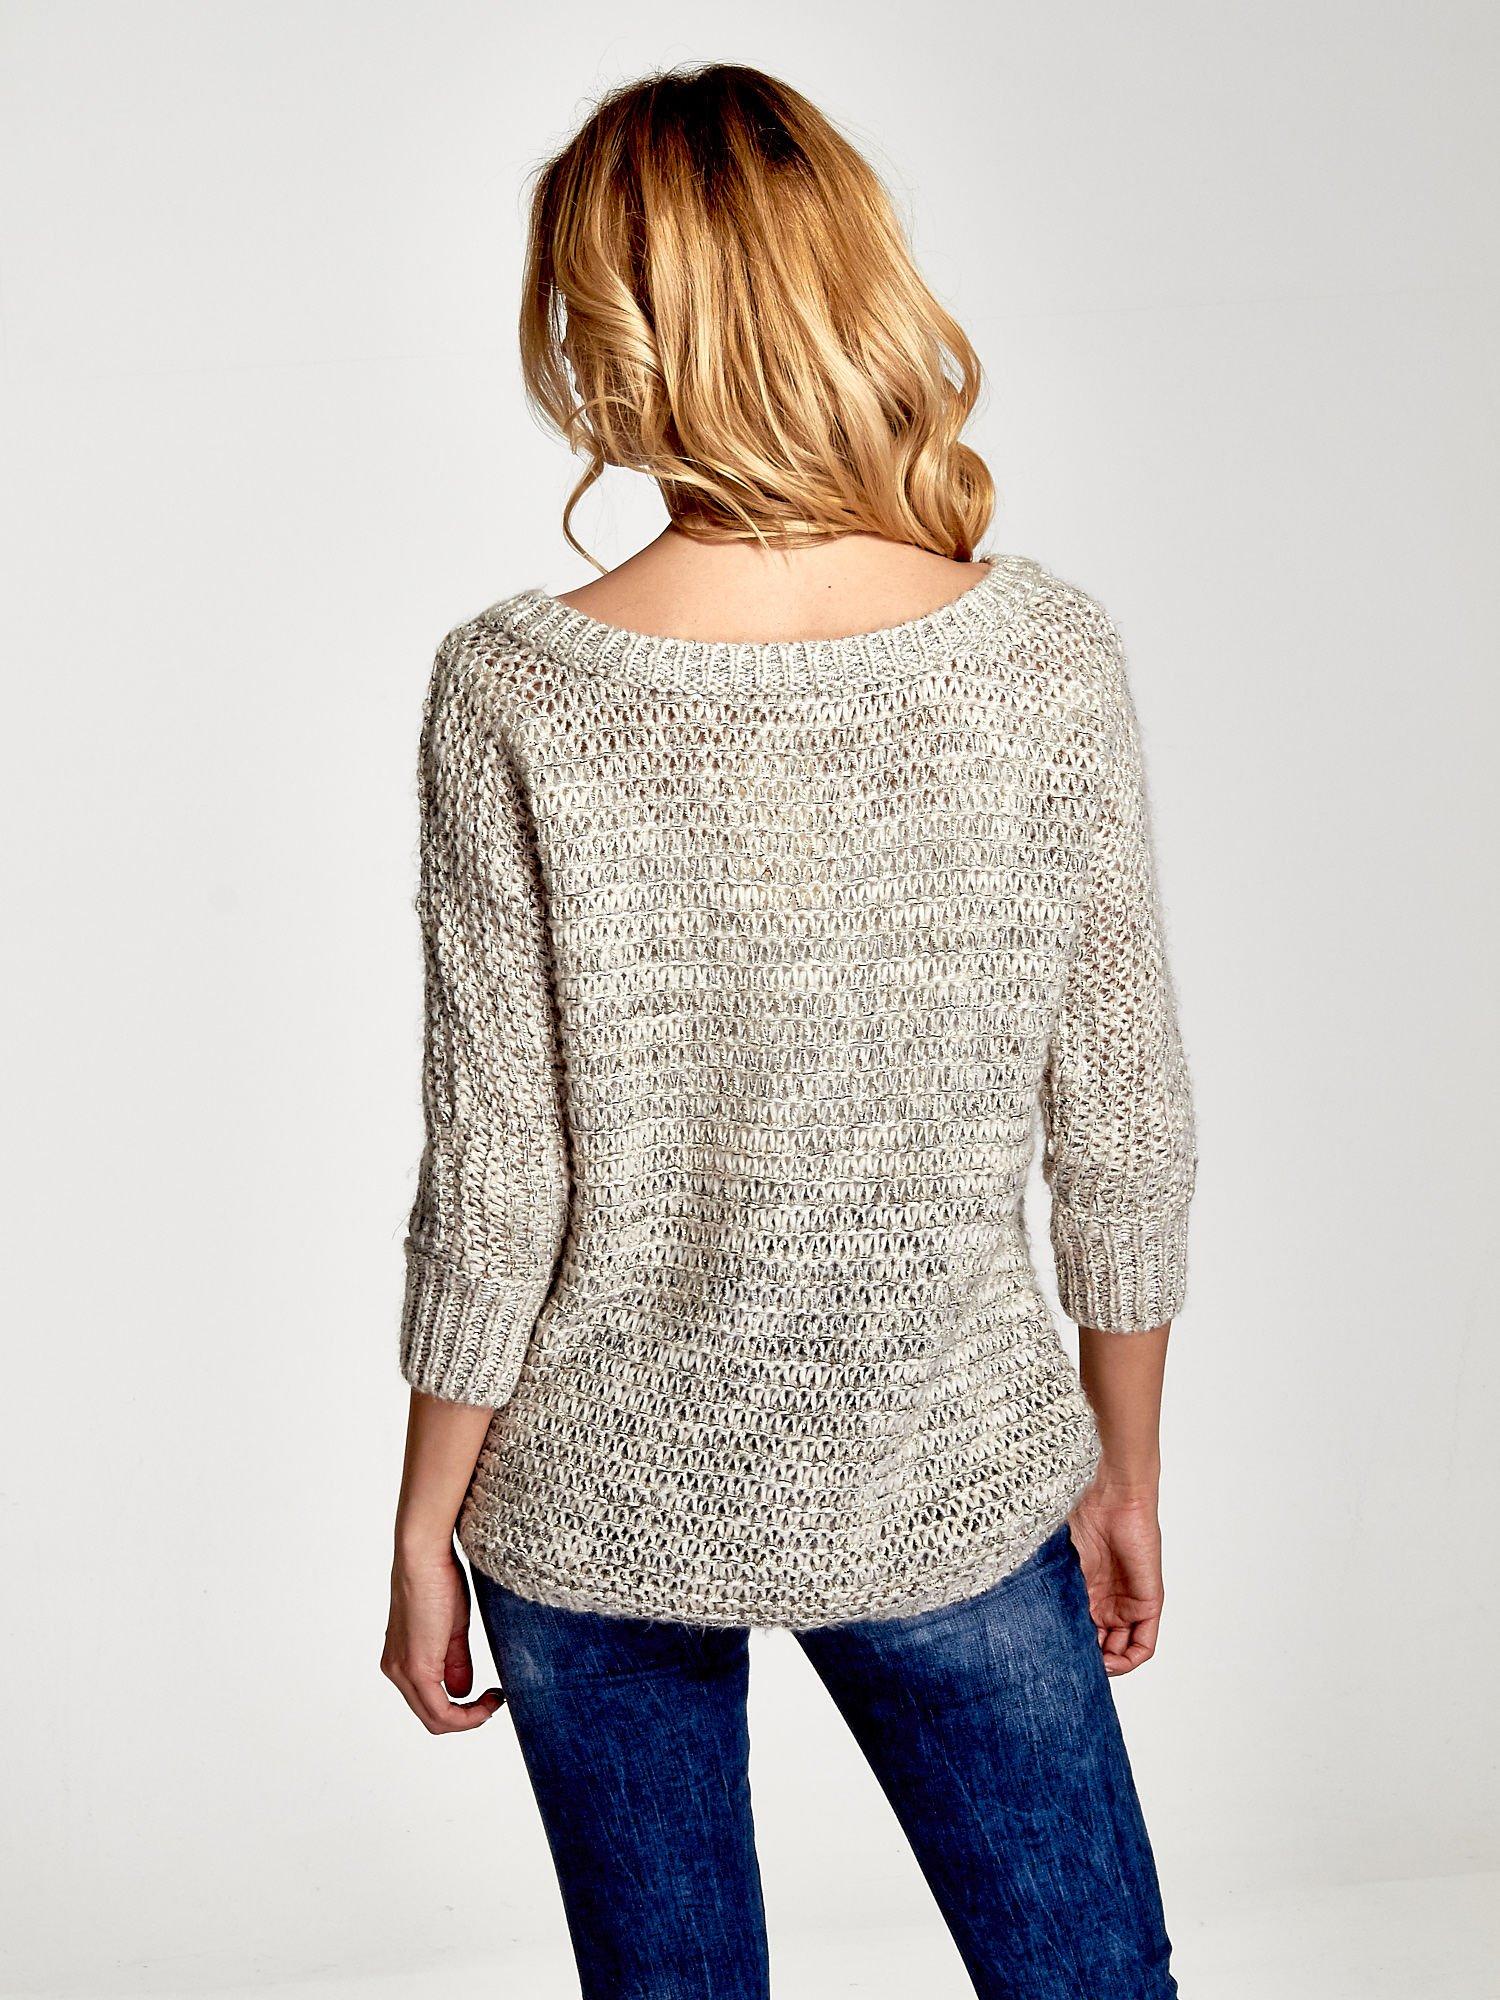 Beżowy sweter z szerokim dekoltem                                  zdj.                                  2